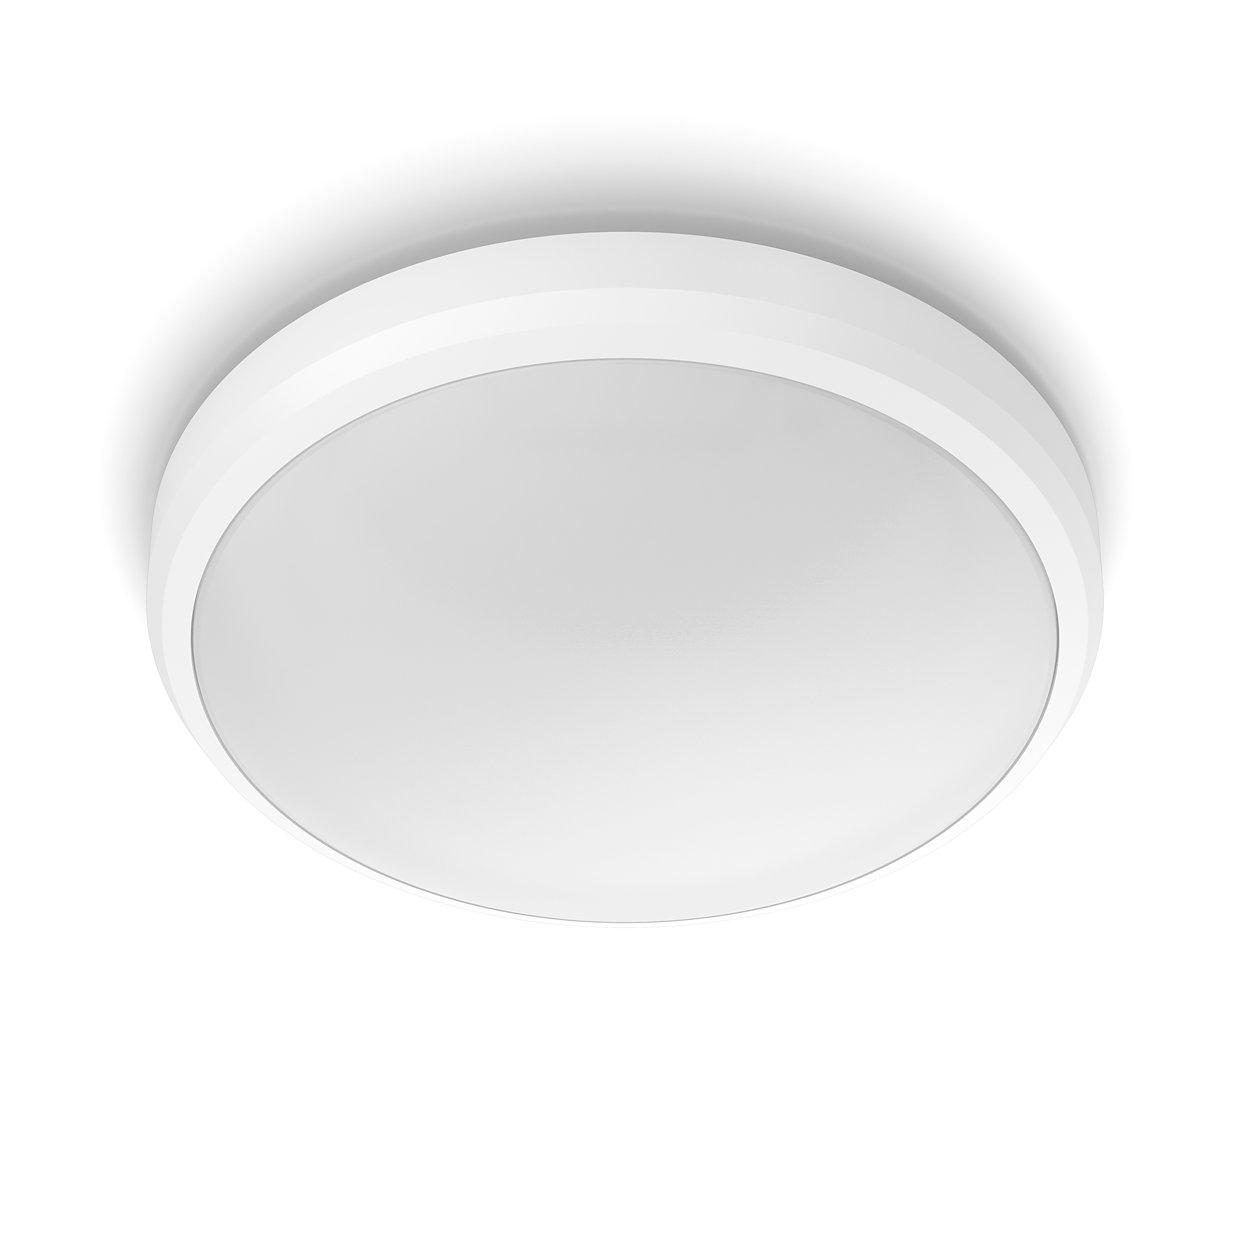 Behageligt LED lys som skåner øjnene